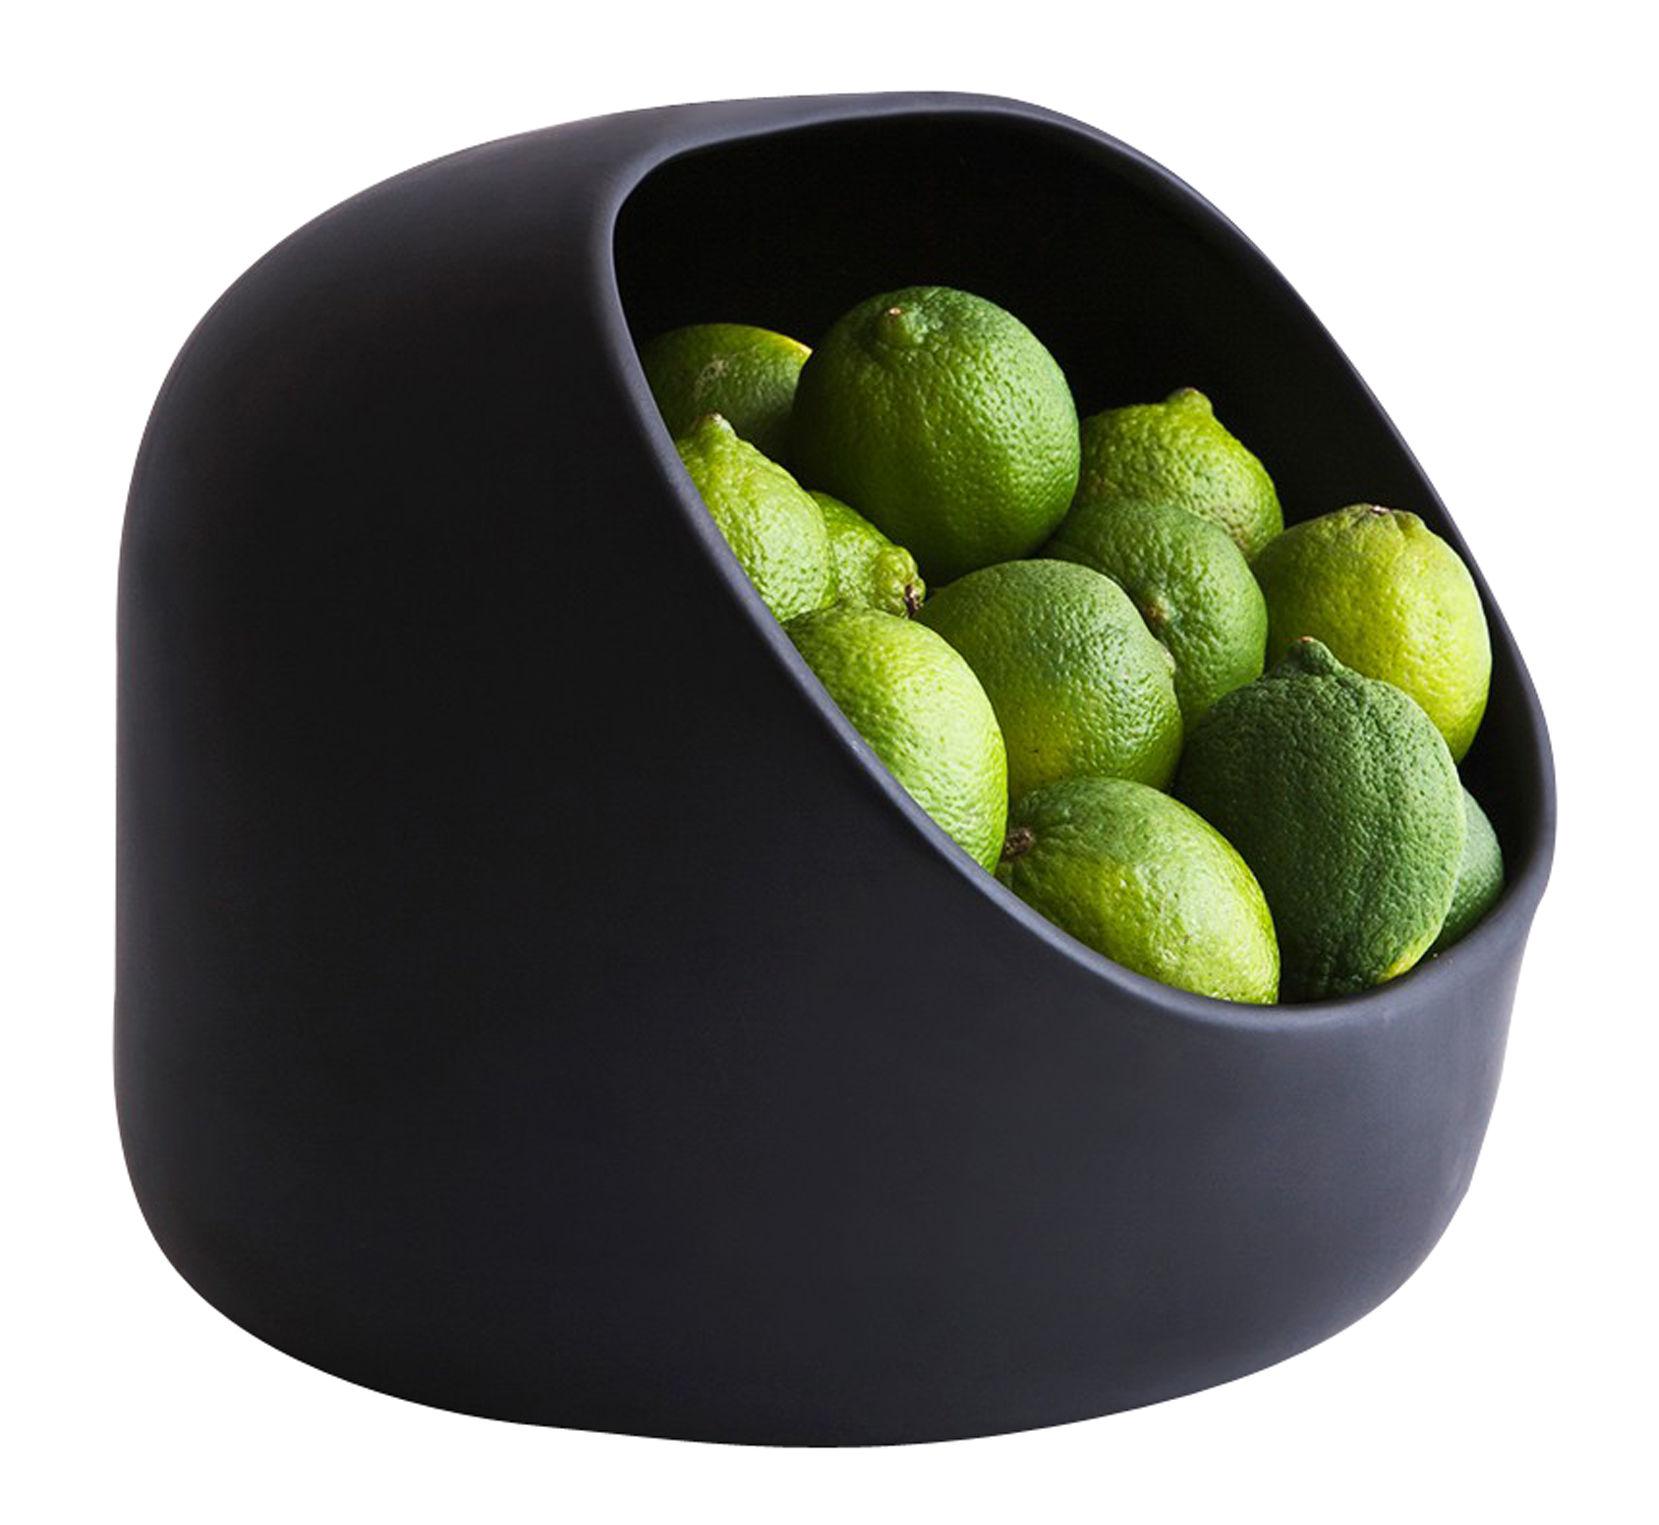 Decoration - Centrepieces & Centrepiece Bowls - Ô Basket - 25 x 20 cm by Moustache - Basket - Black - Enamled terracotta